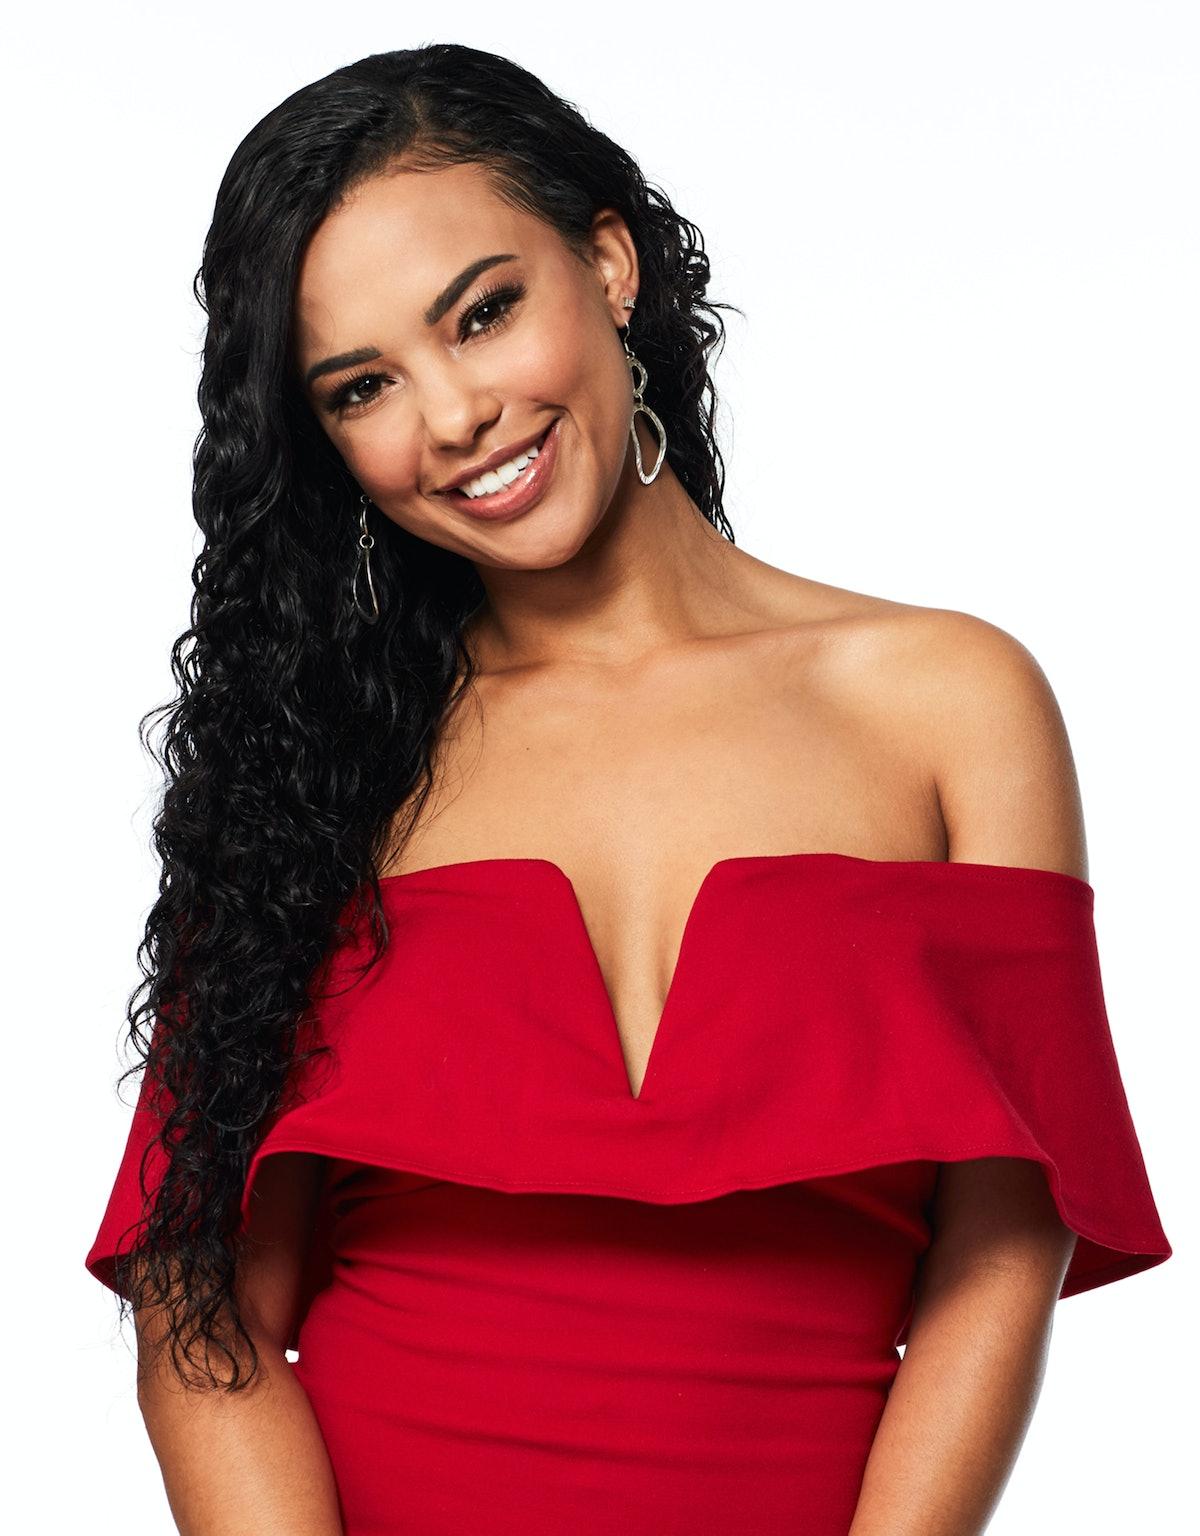 Maurissa on 'The Bachelor'